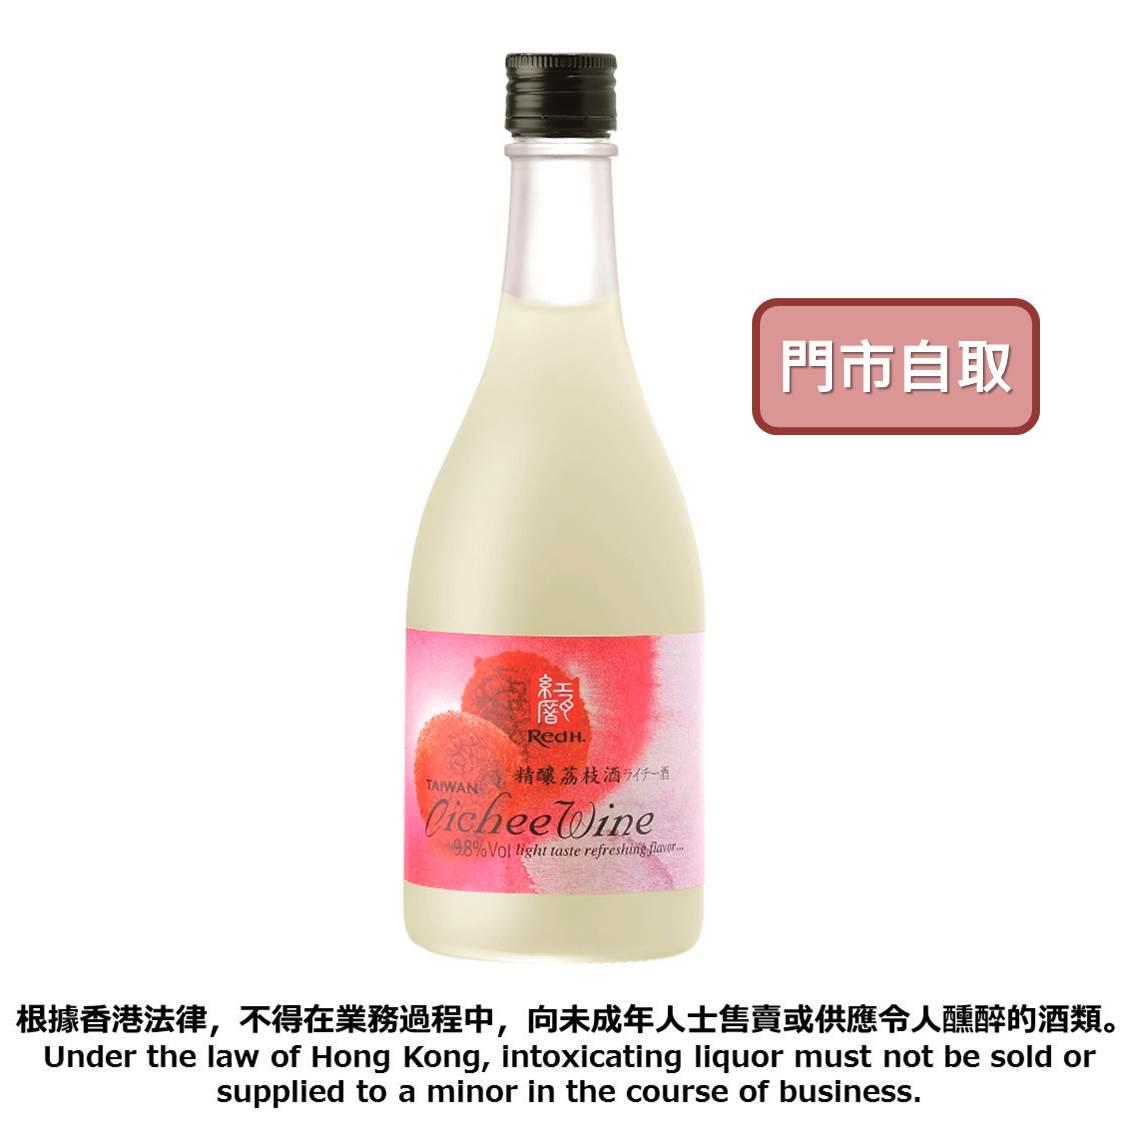 紅瓦厝精釀荔枝酒9.8%VOL 500ML